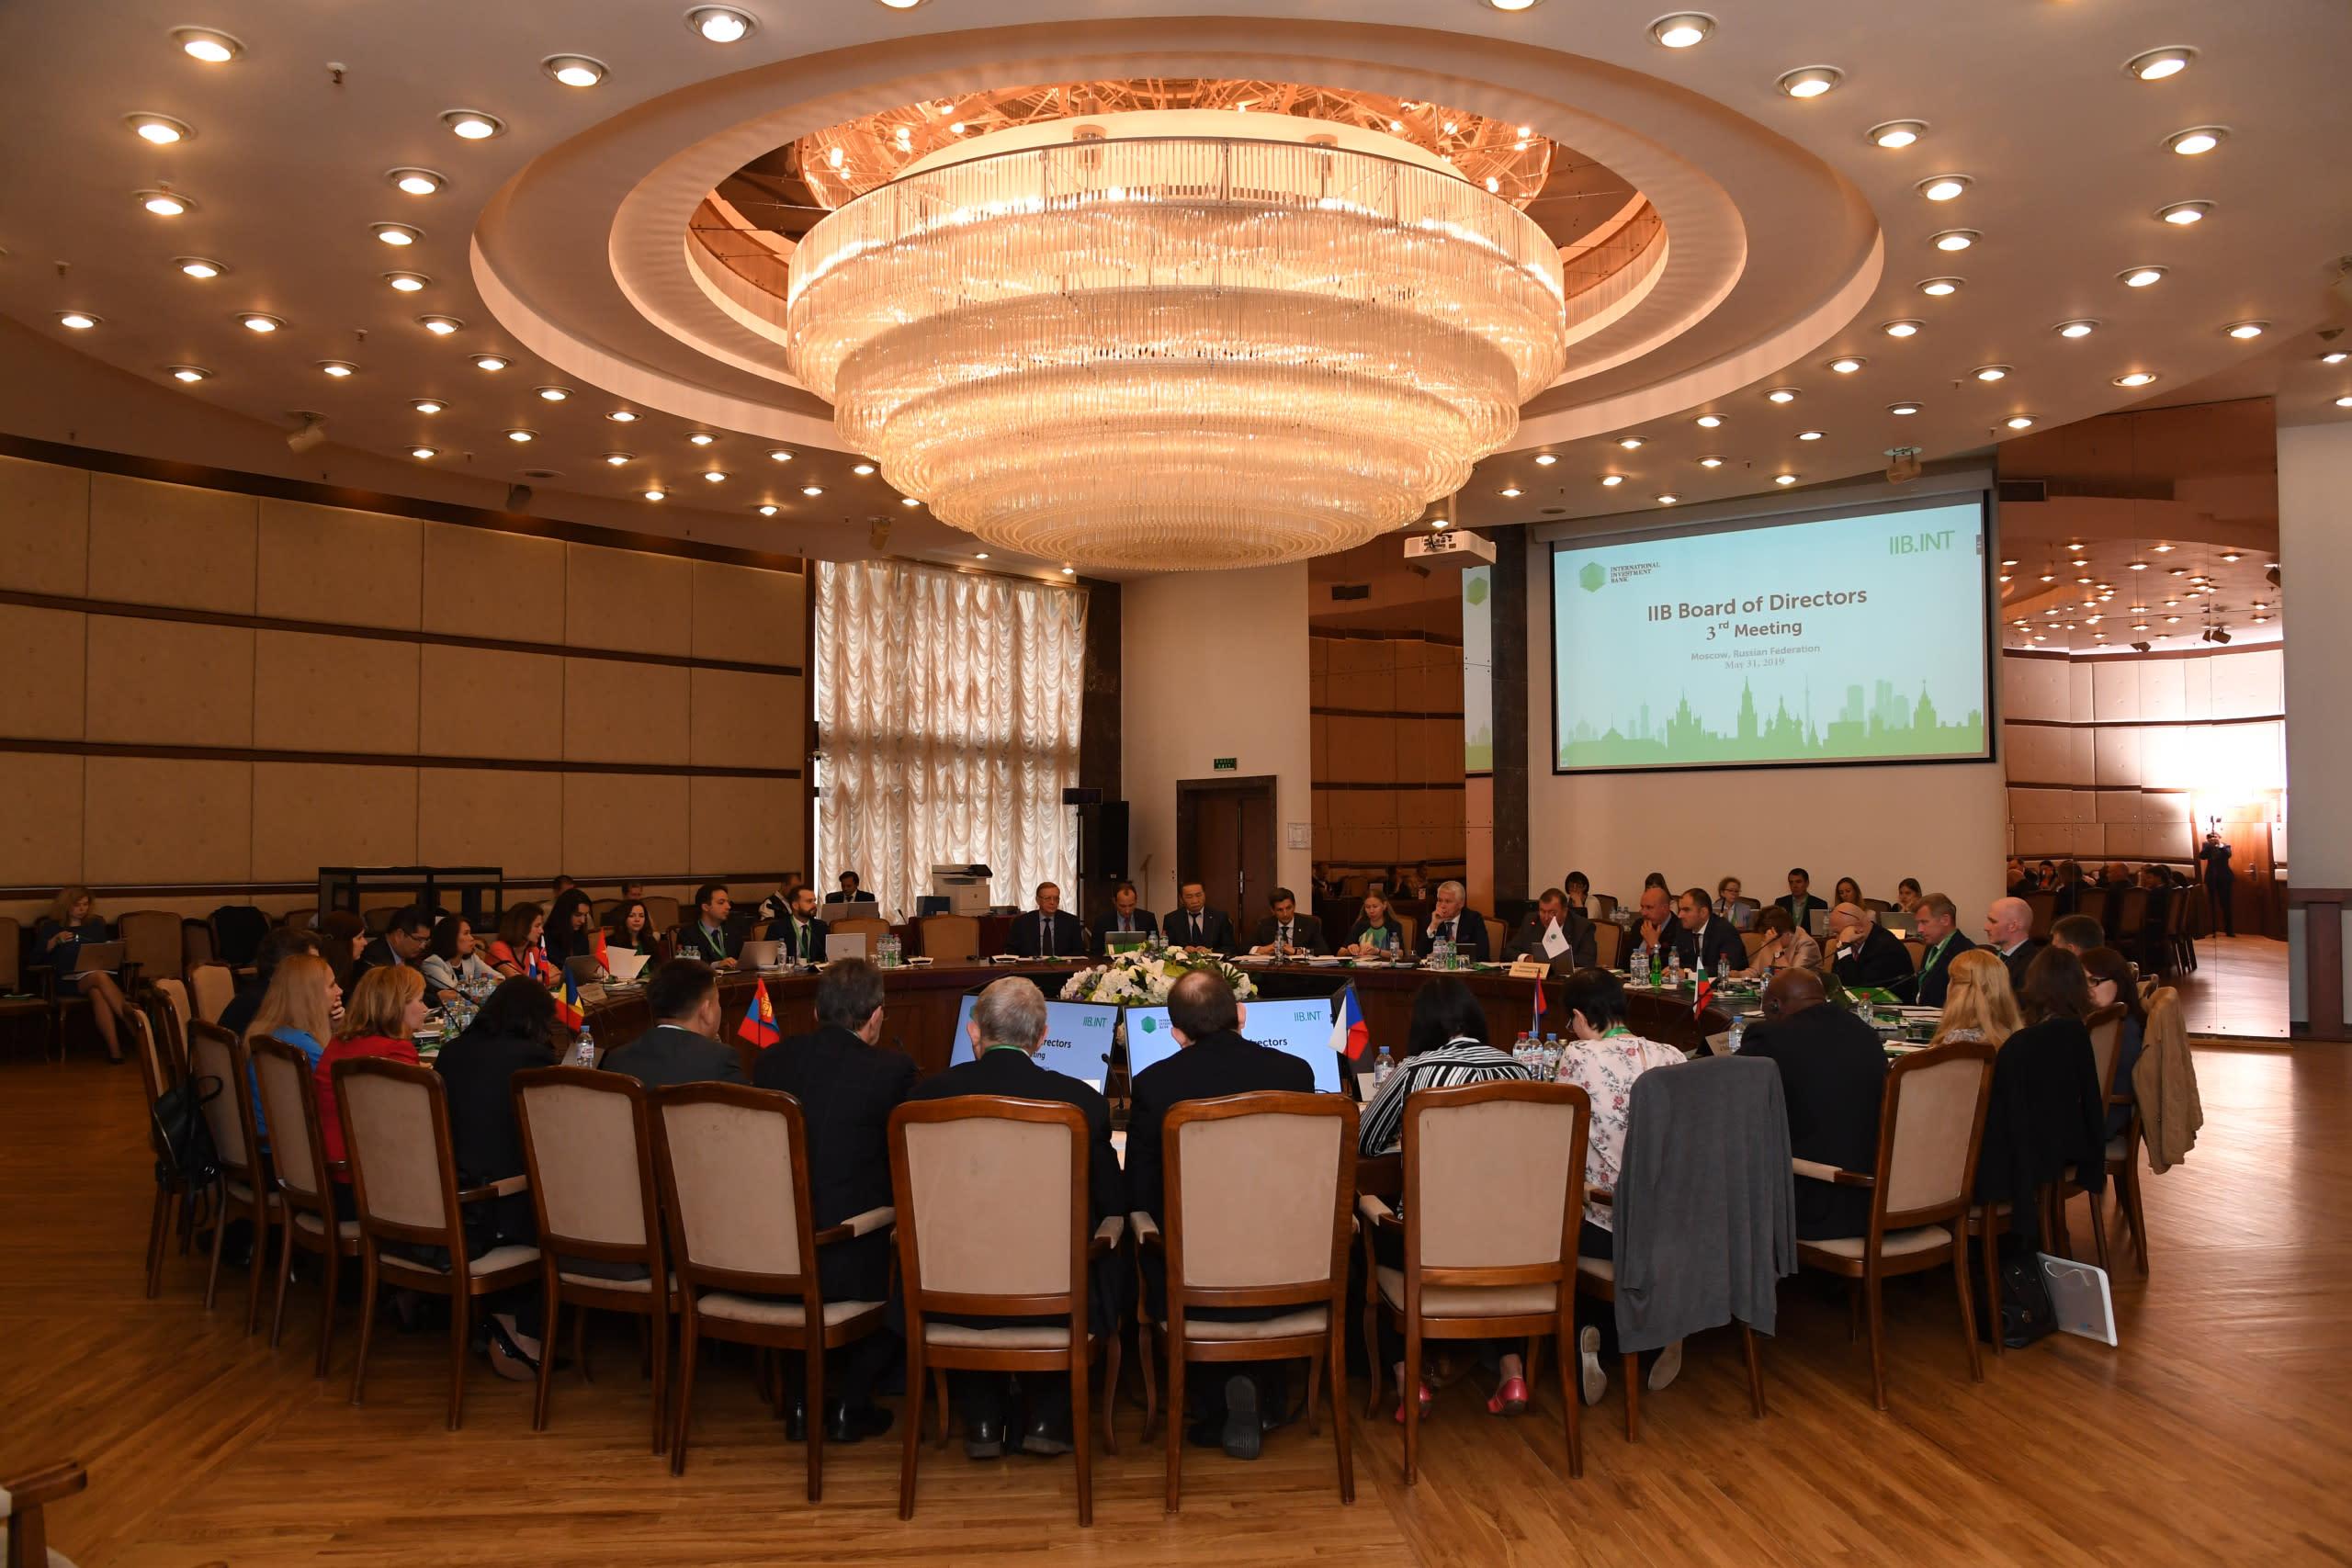 Третье заседание совета Директоров МИБ прошло в российской столице